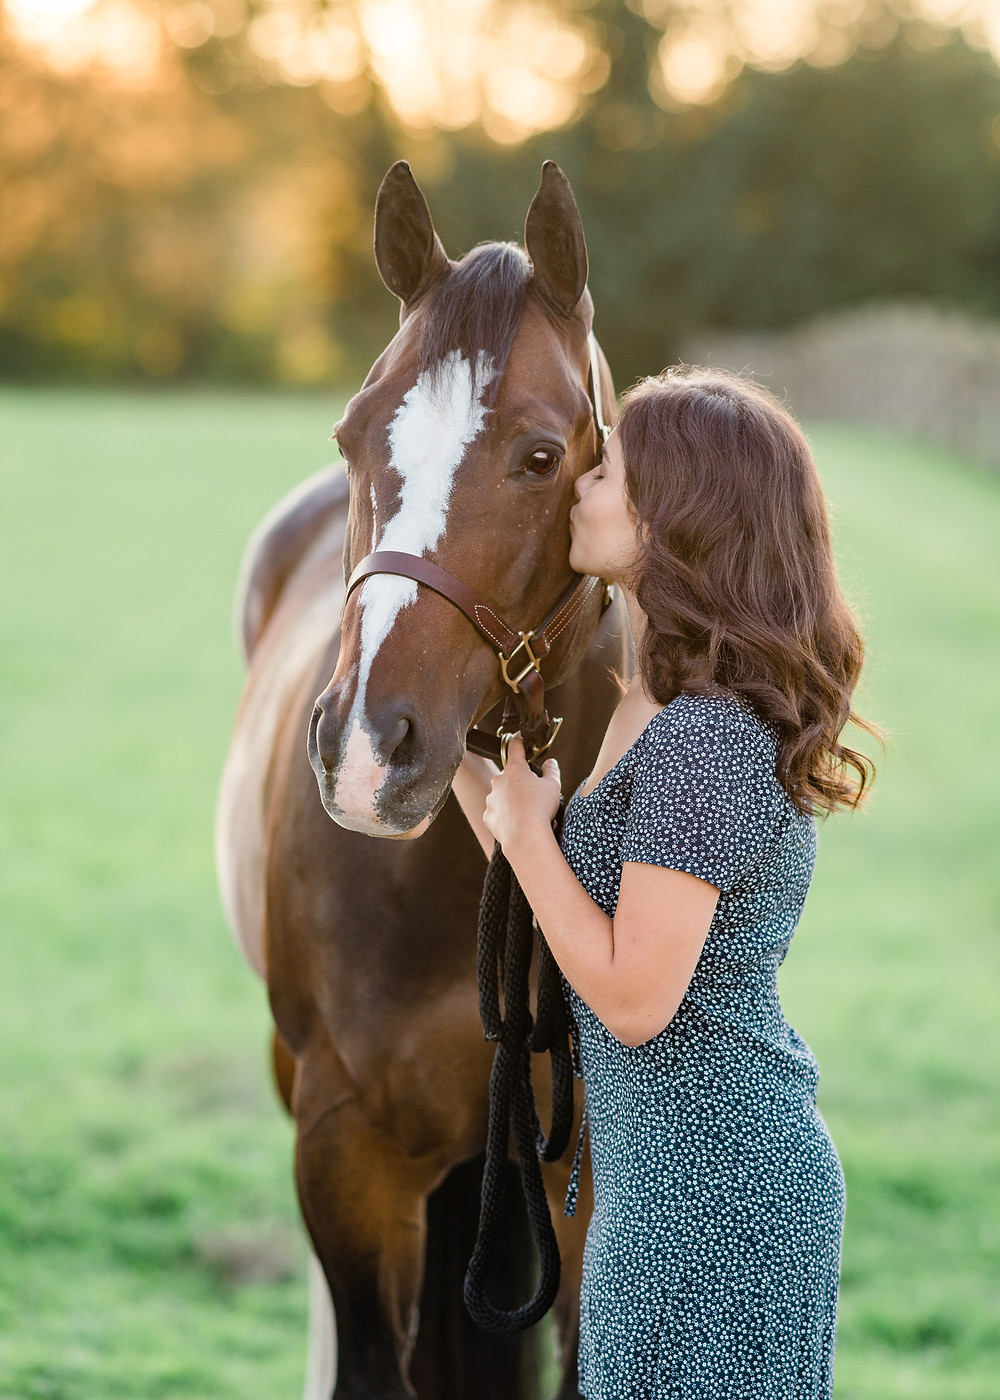 Lauren kissing Ozzy